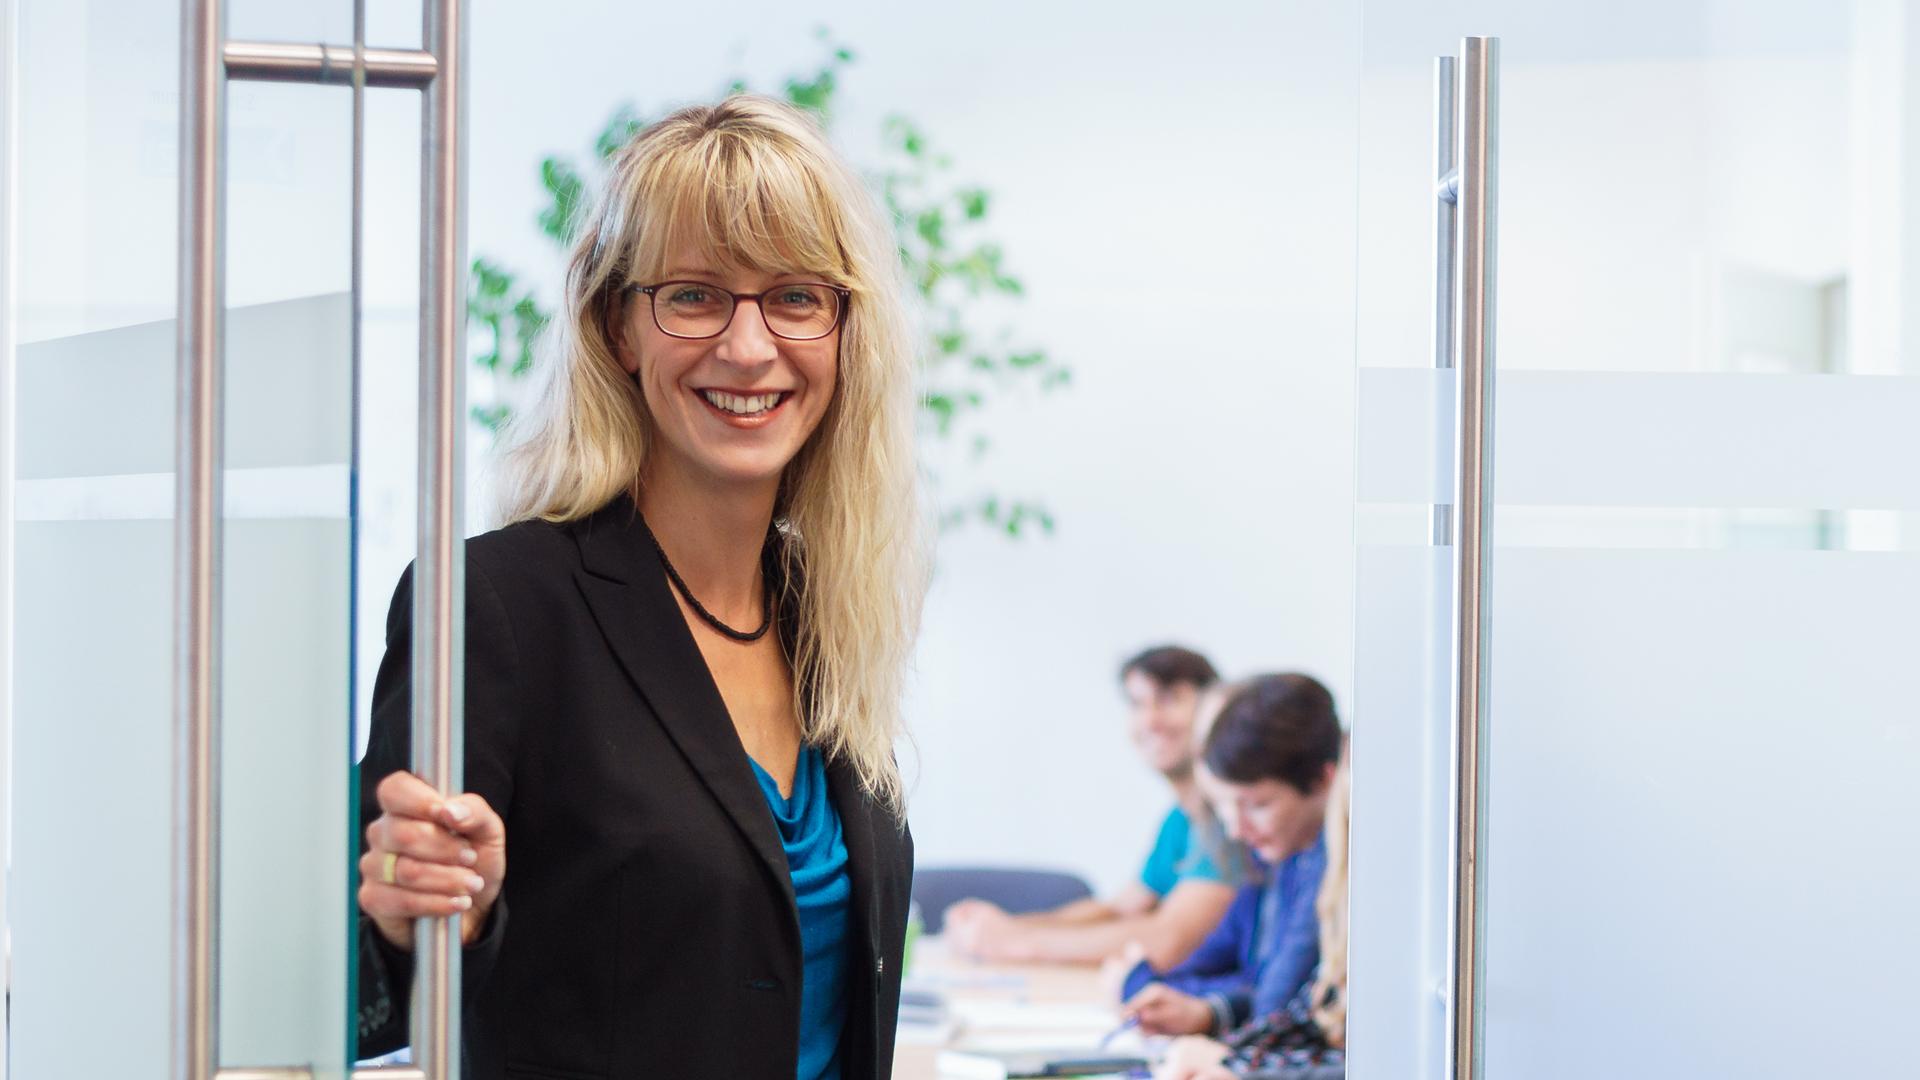 Wir unterstützen Sie <br> bei der Berufsberatung, <br> Qualifizierung und dem Jobeinstieg